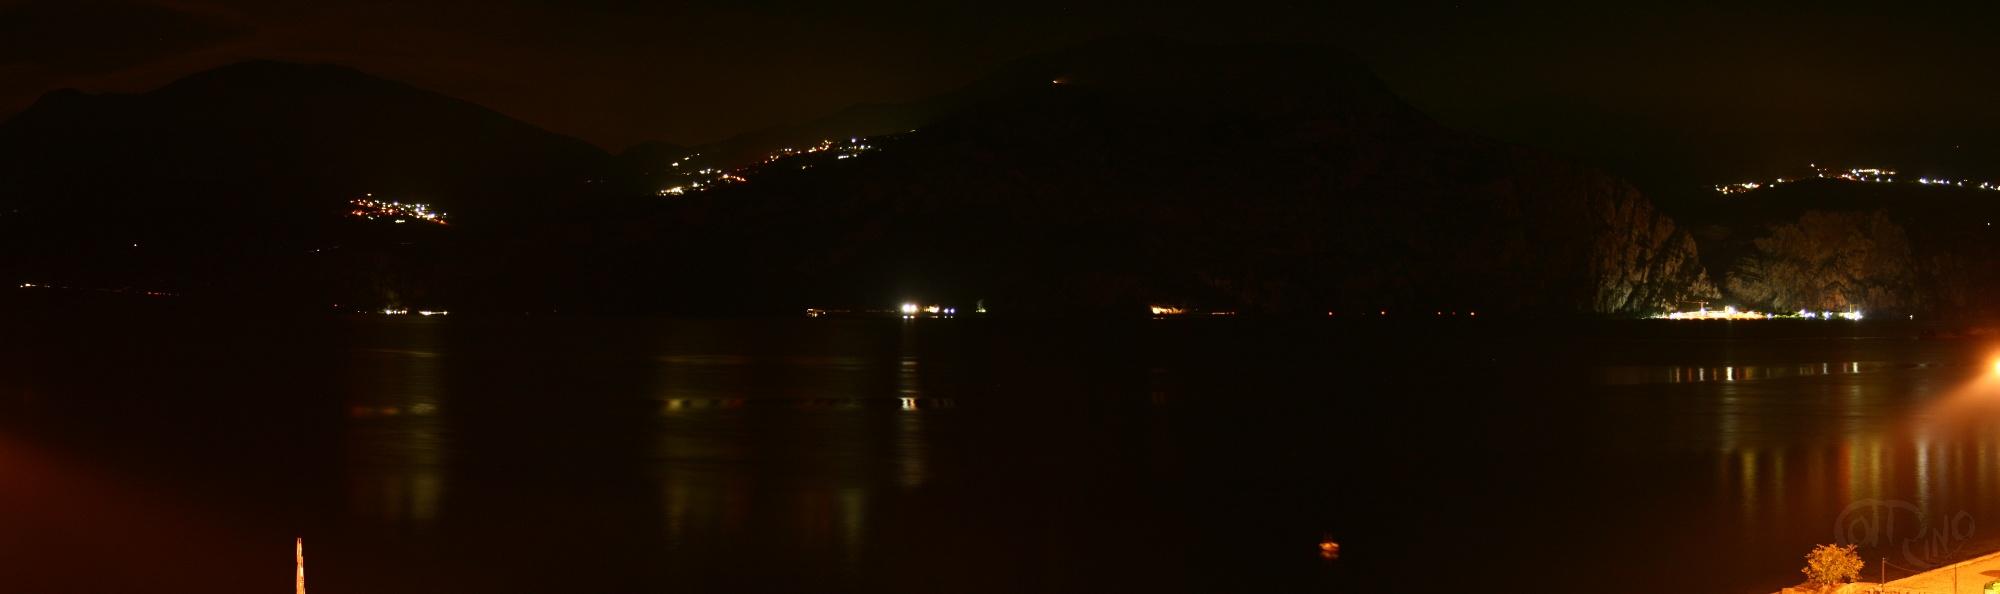 Brenzone - Lago di Garda nocturno